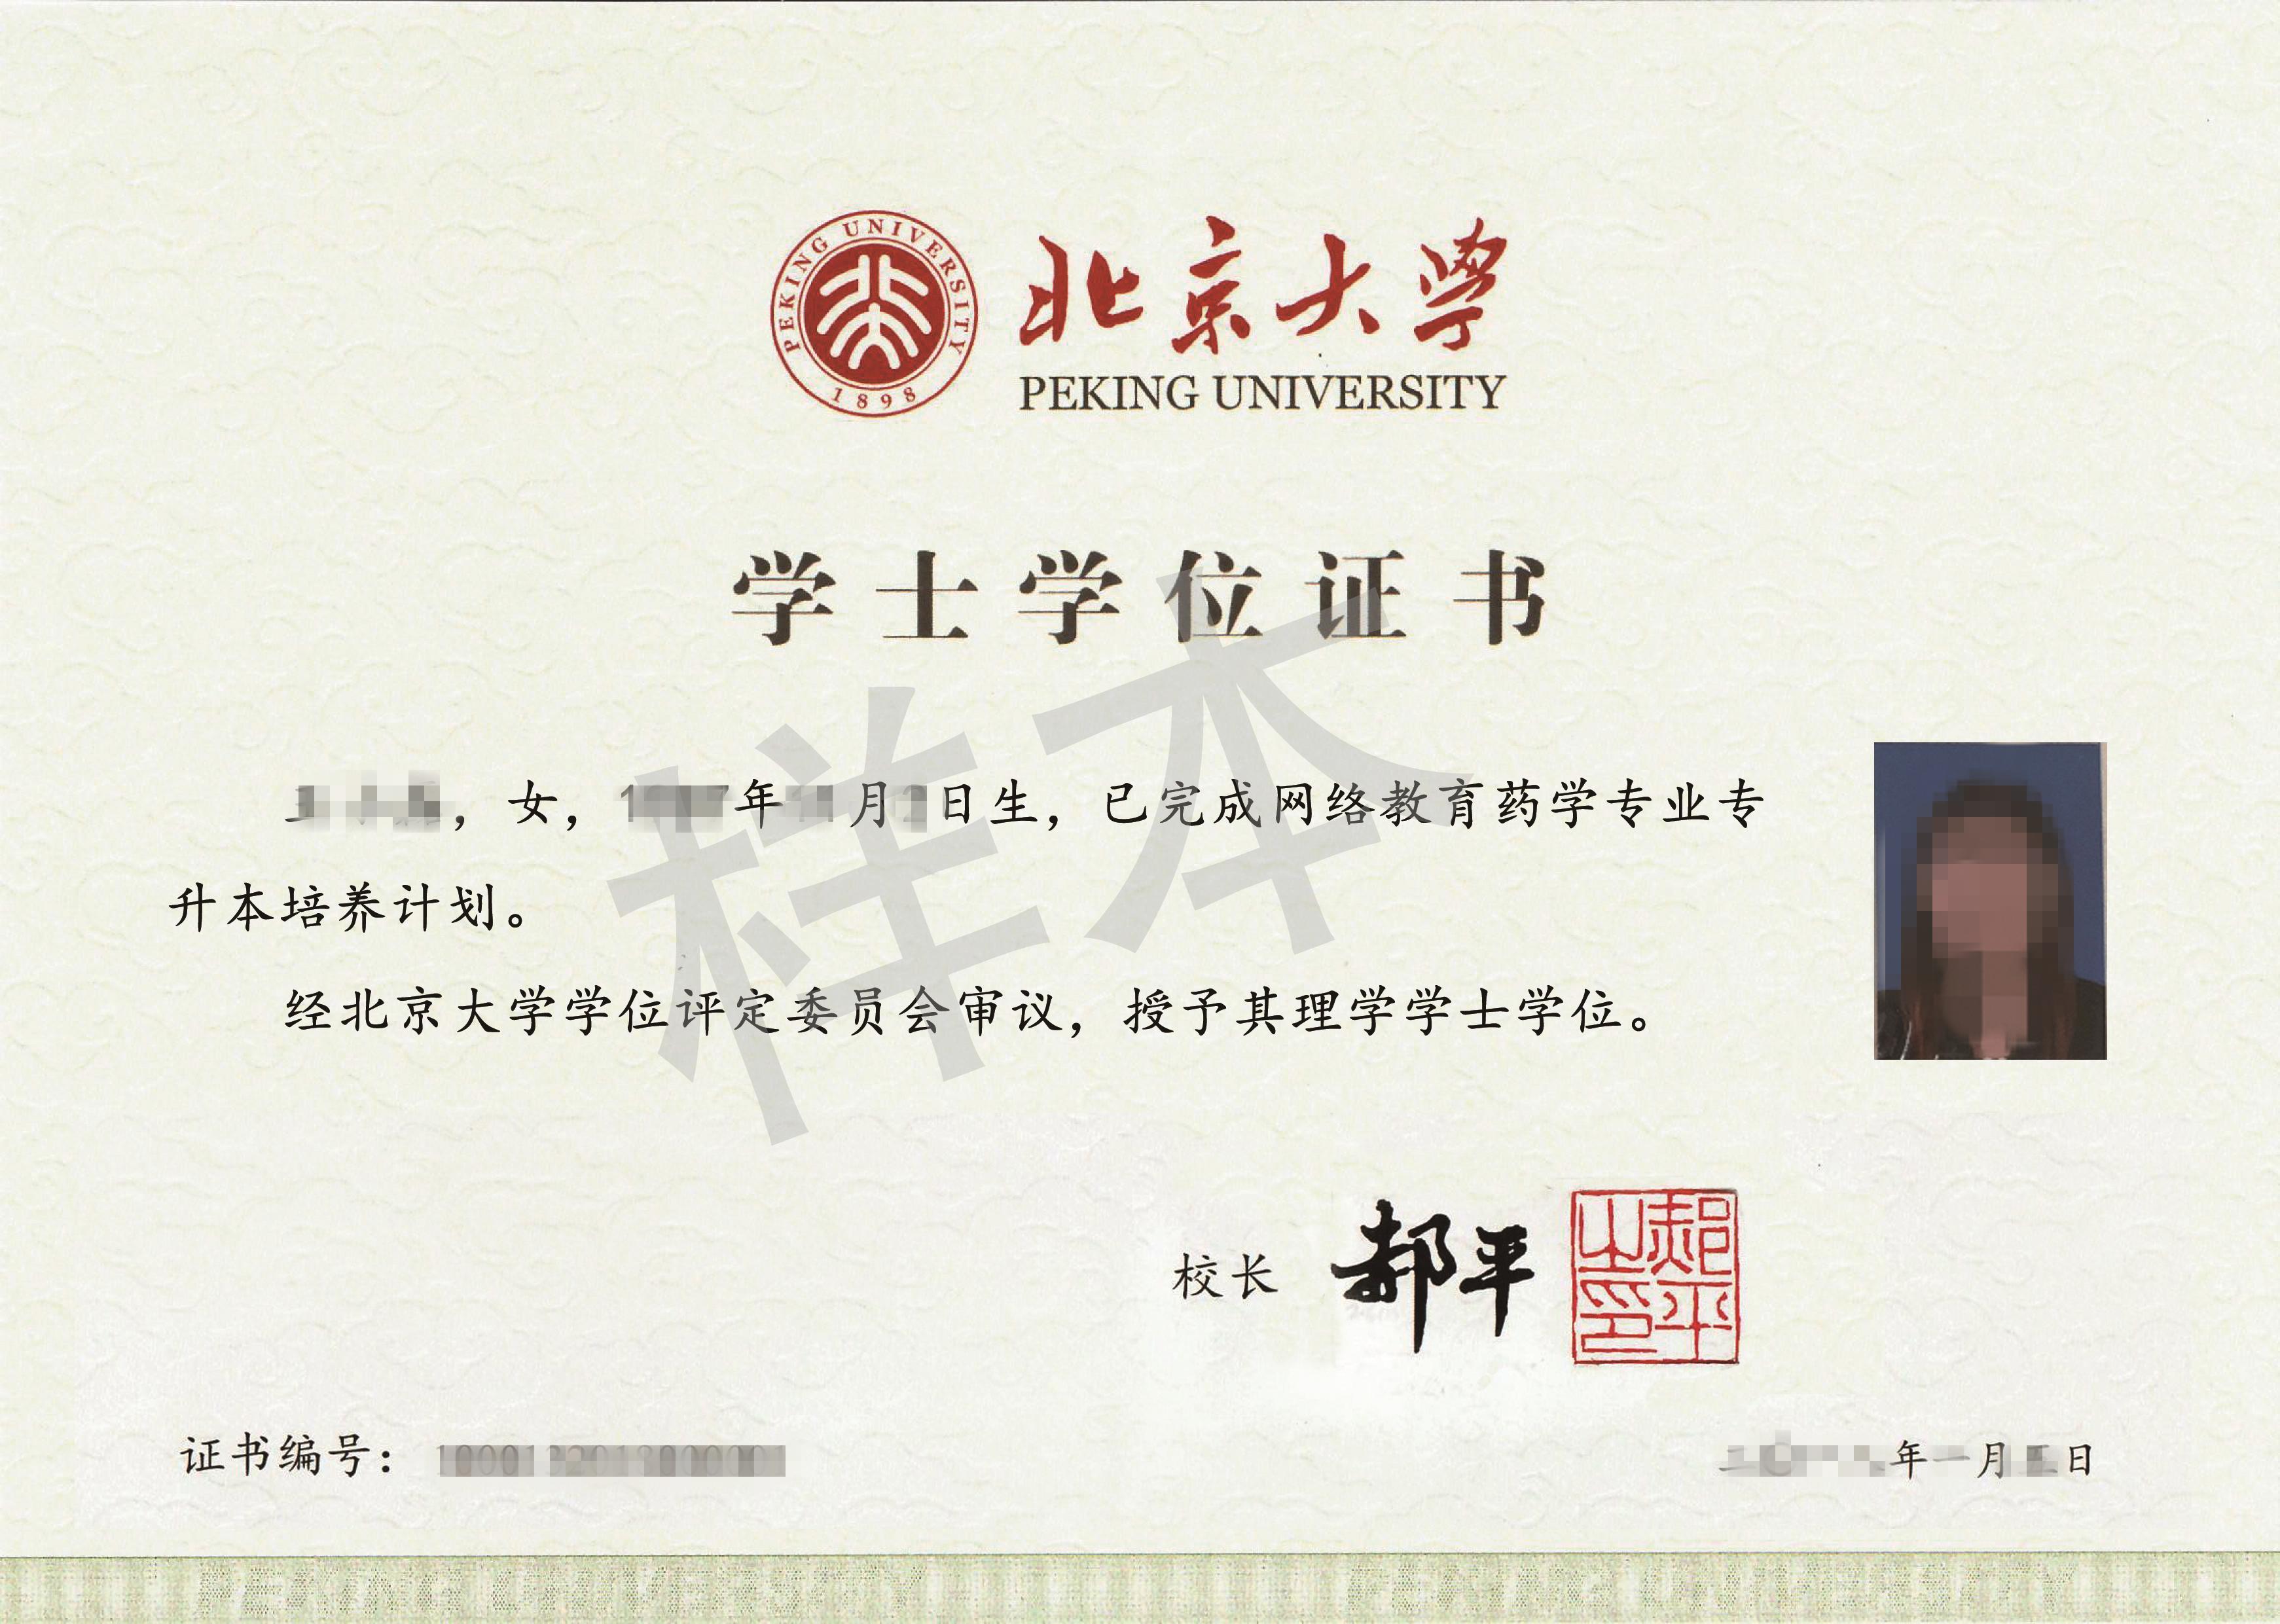 2021年北京大学医学继续教育沐鸣娱乐2代理春季网络教育招生简章